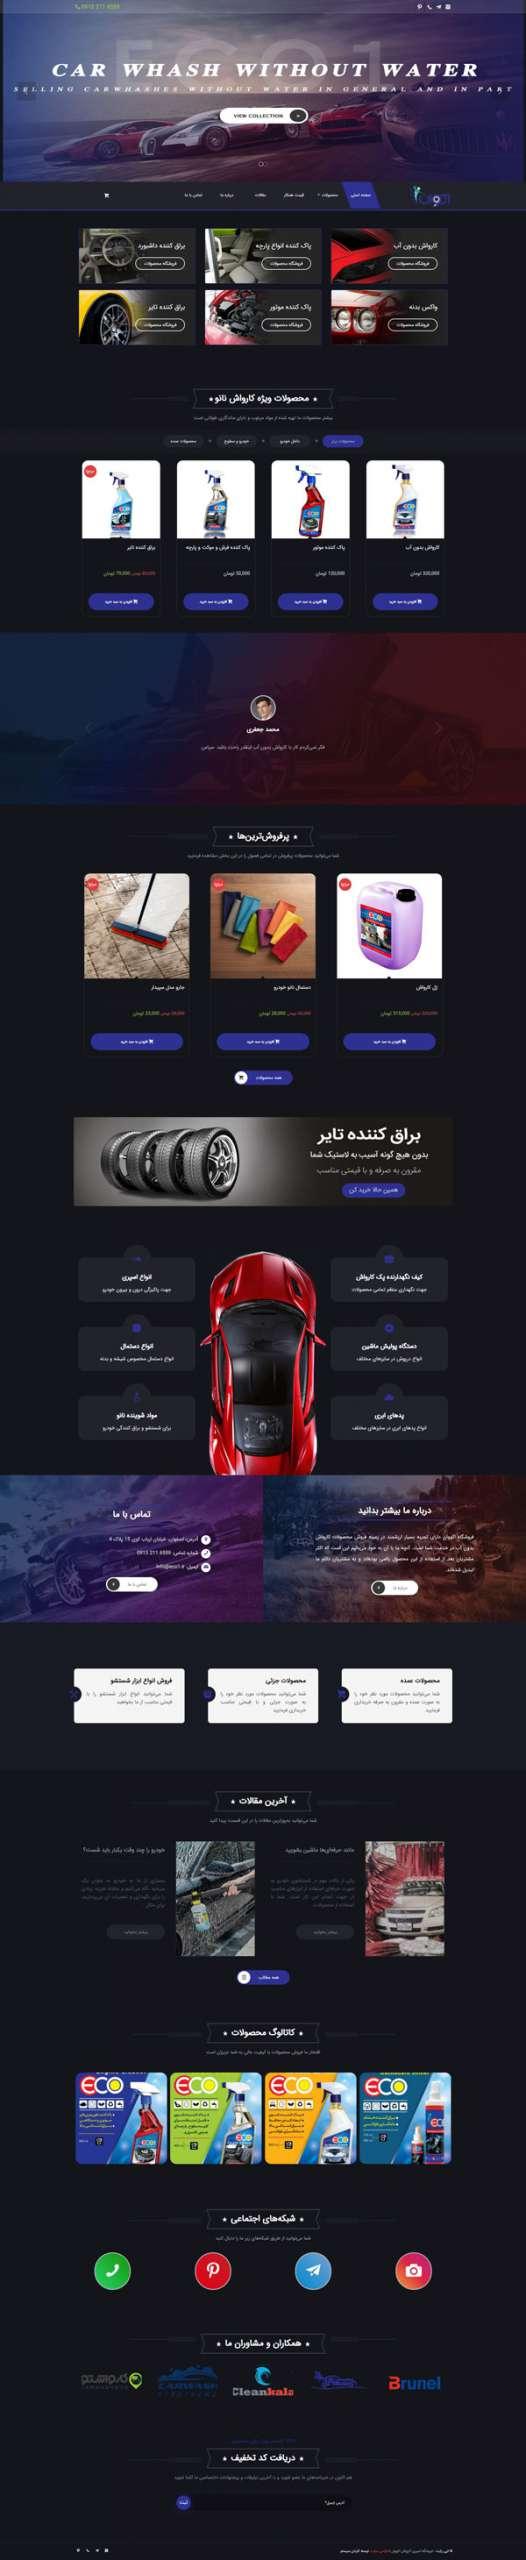 طراحی سایت اکووان | تولید کننده محصولات کارواش خودرو